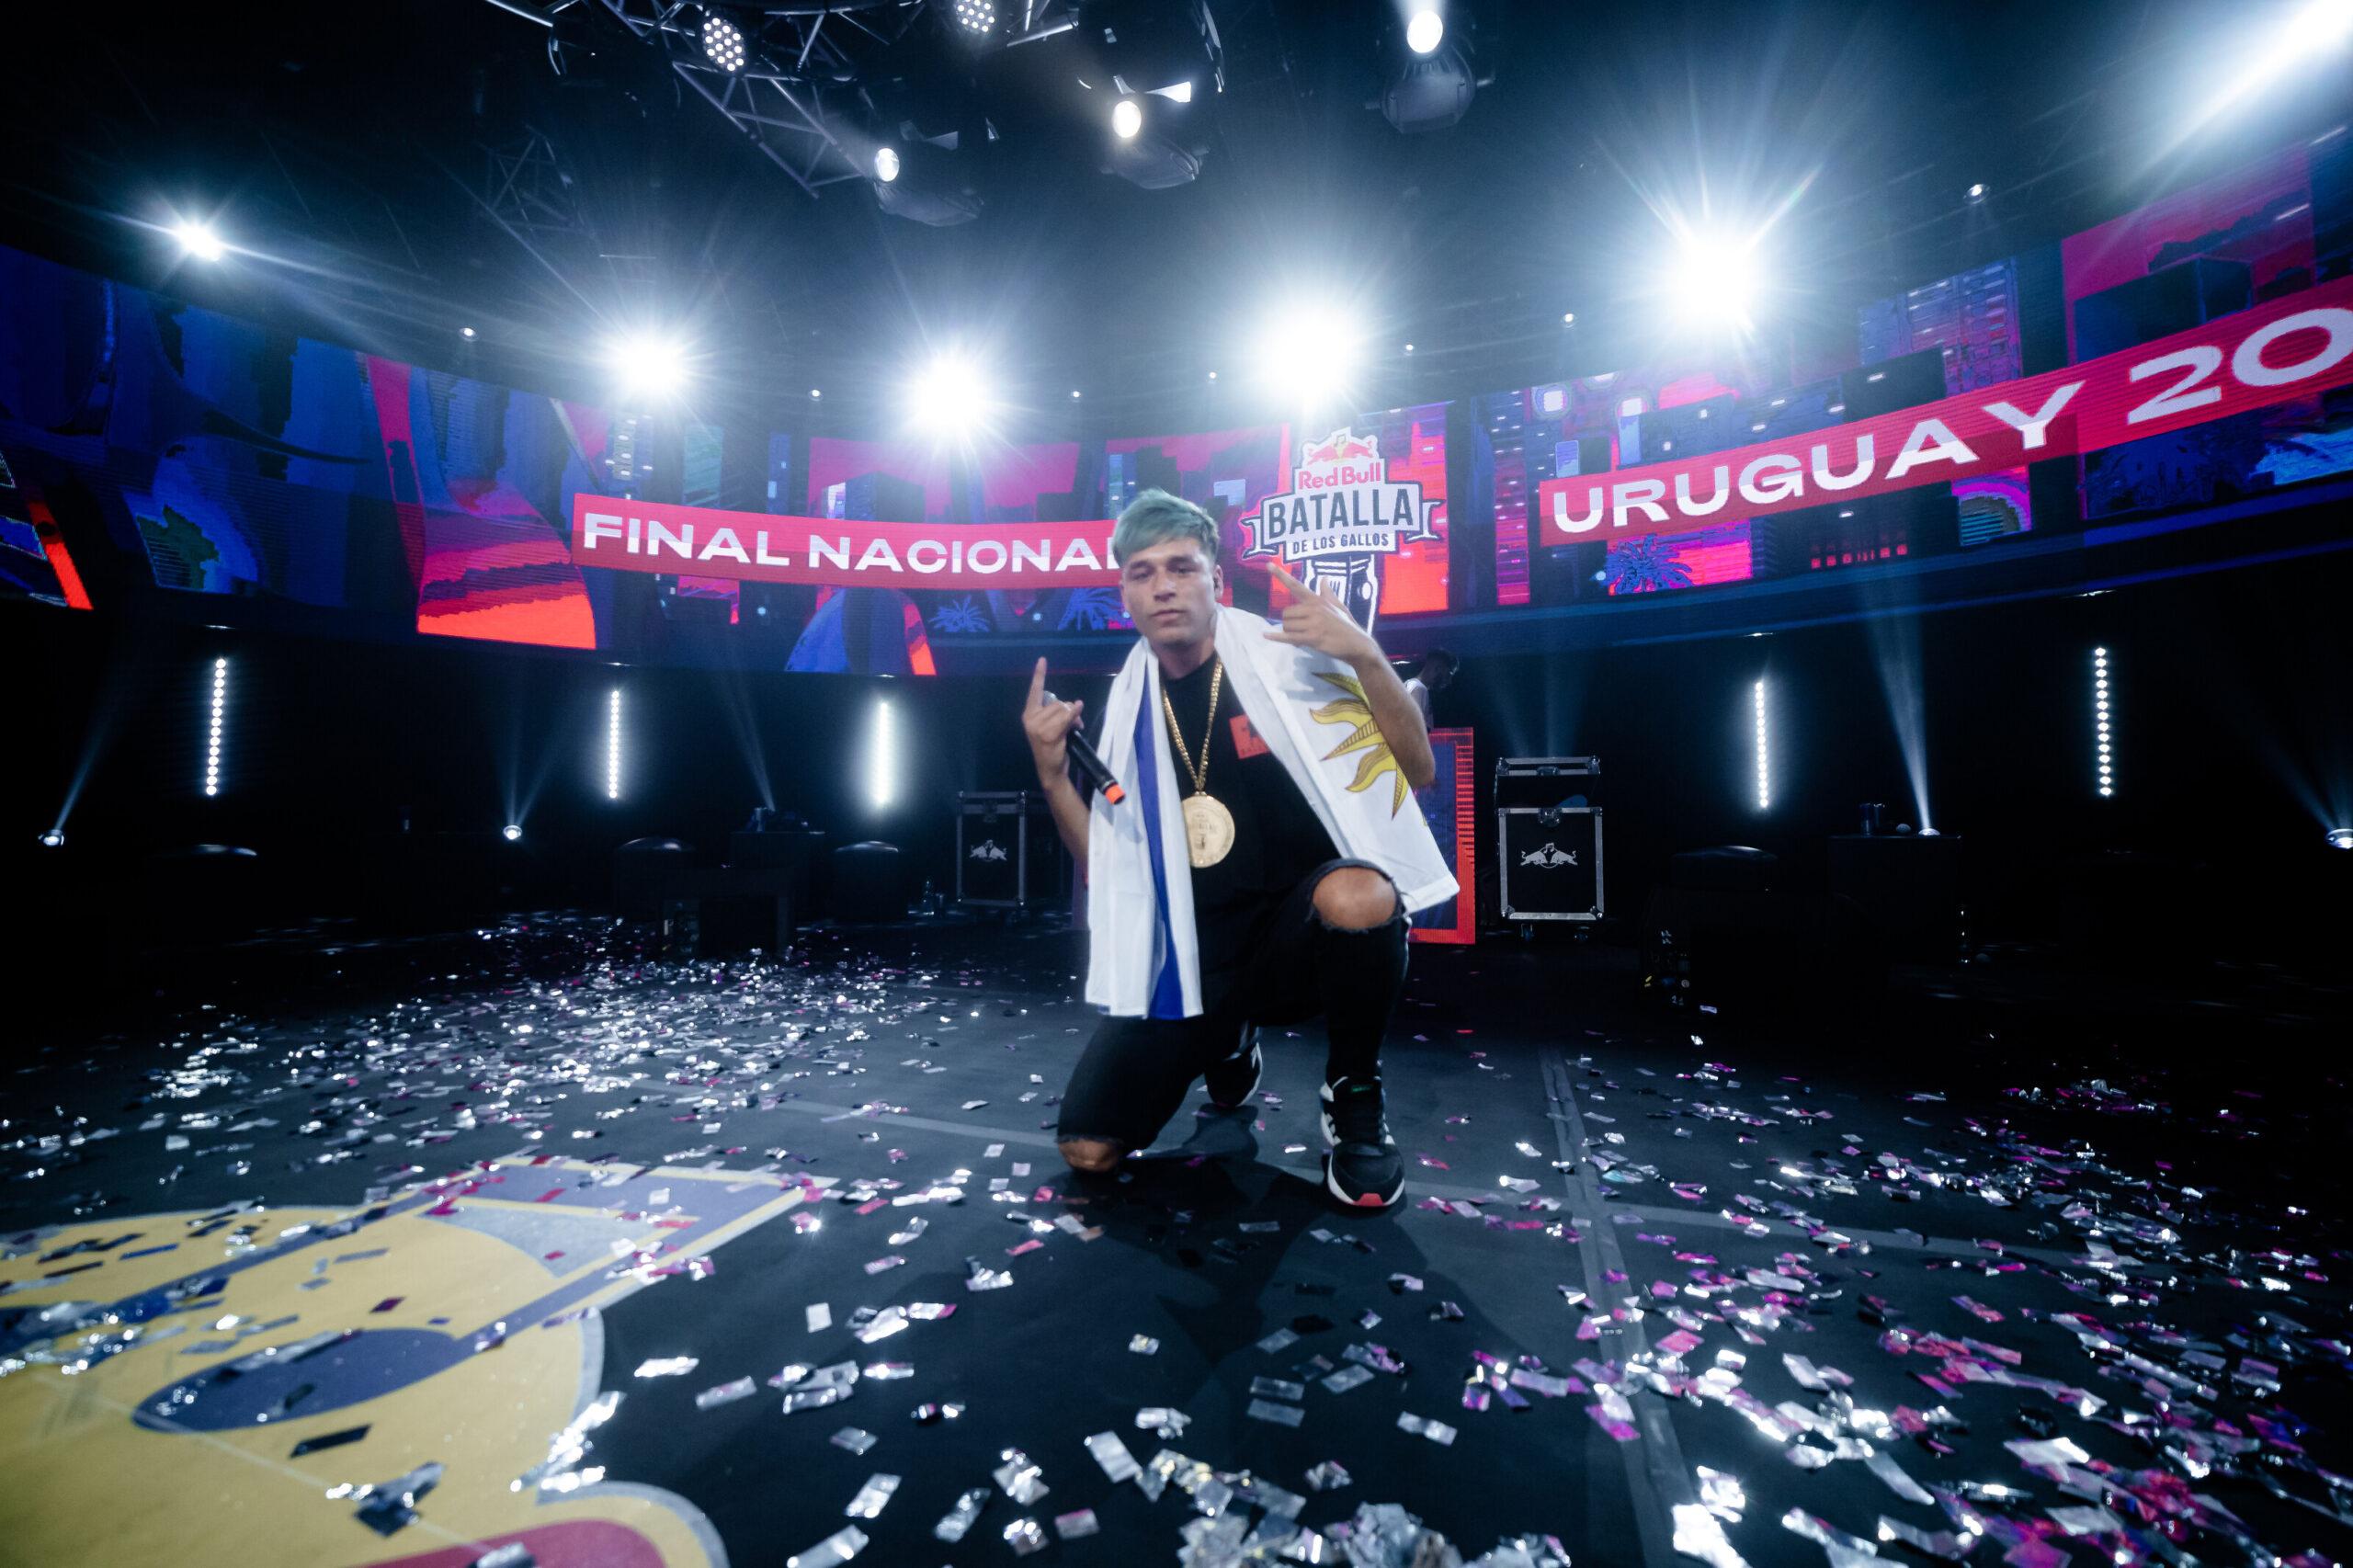 Red Bull Batalla Uruguay: estos son la presentadora, DJ, jurado y casters